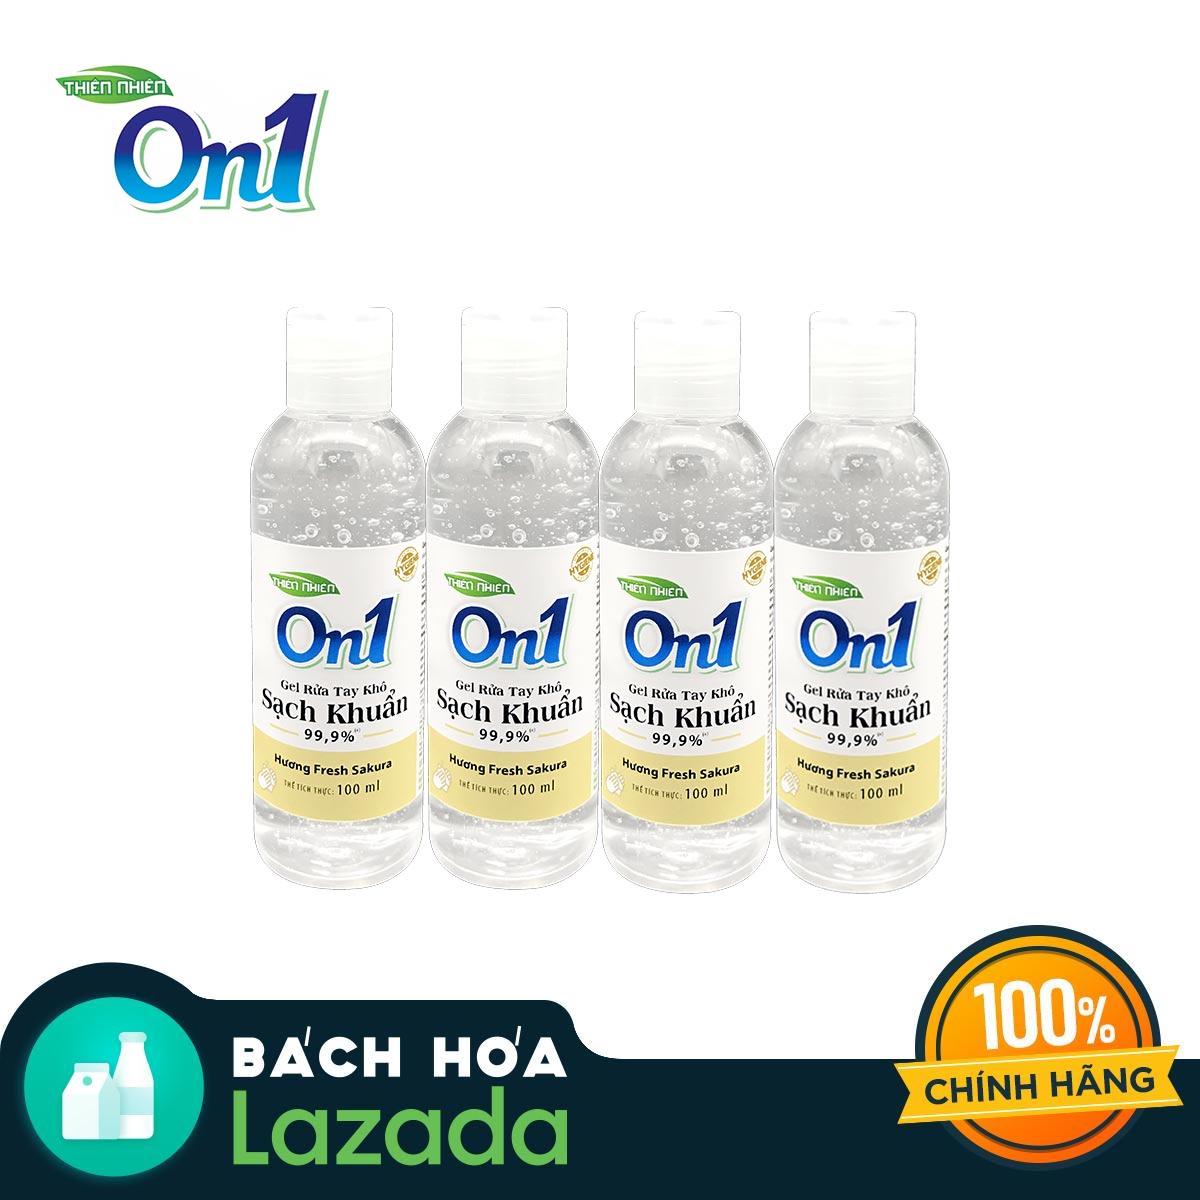 Combo 4 chai gel rửa tay khô ON1 hương Fresh Sakura 100ml